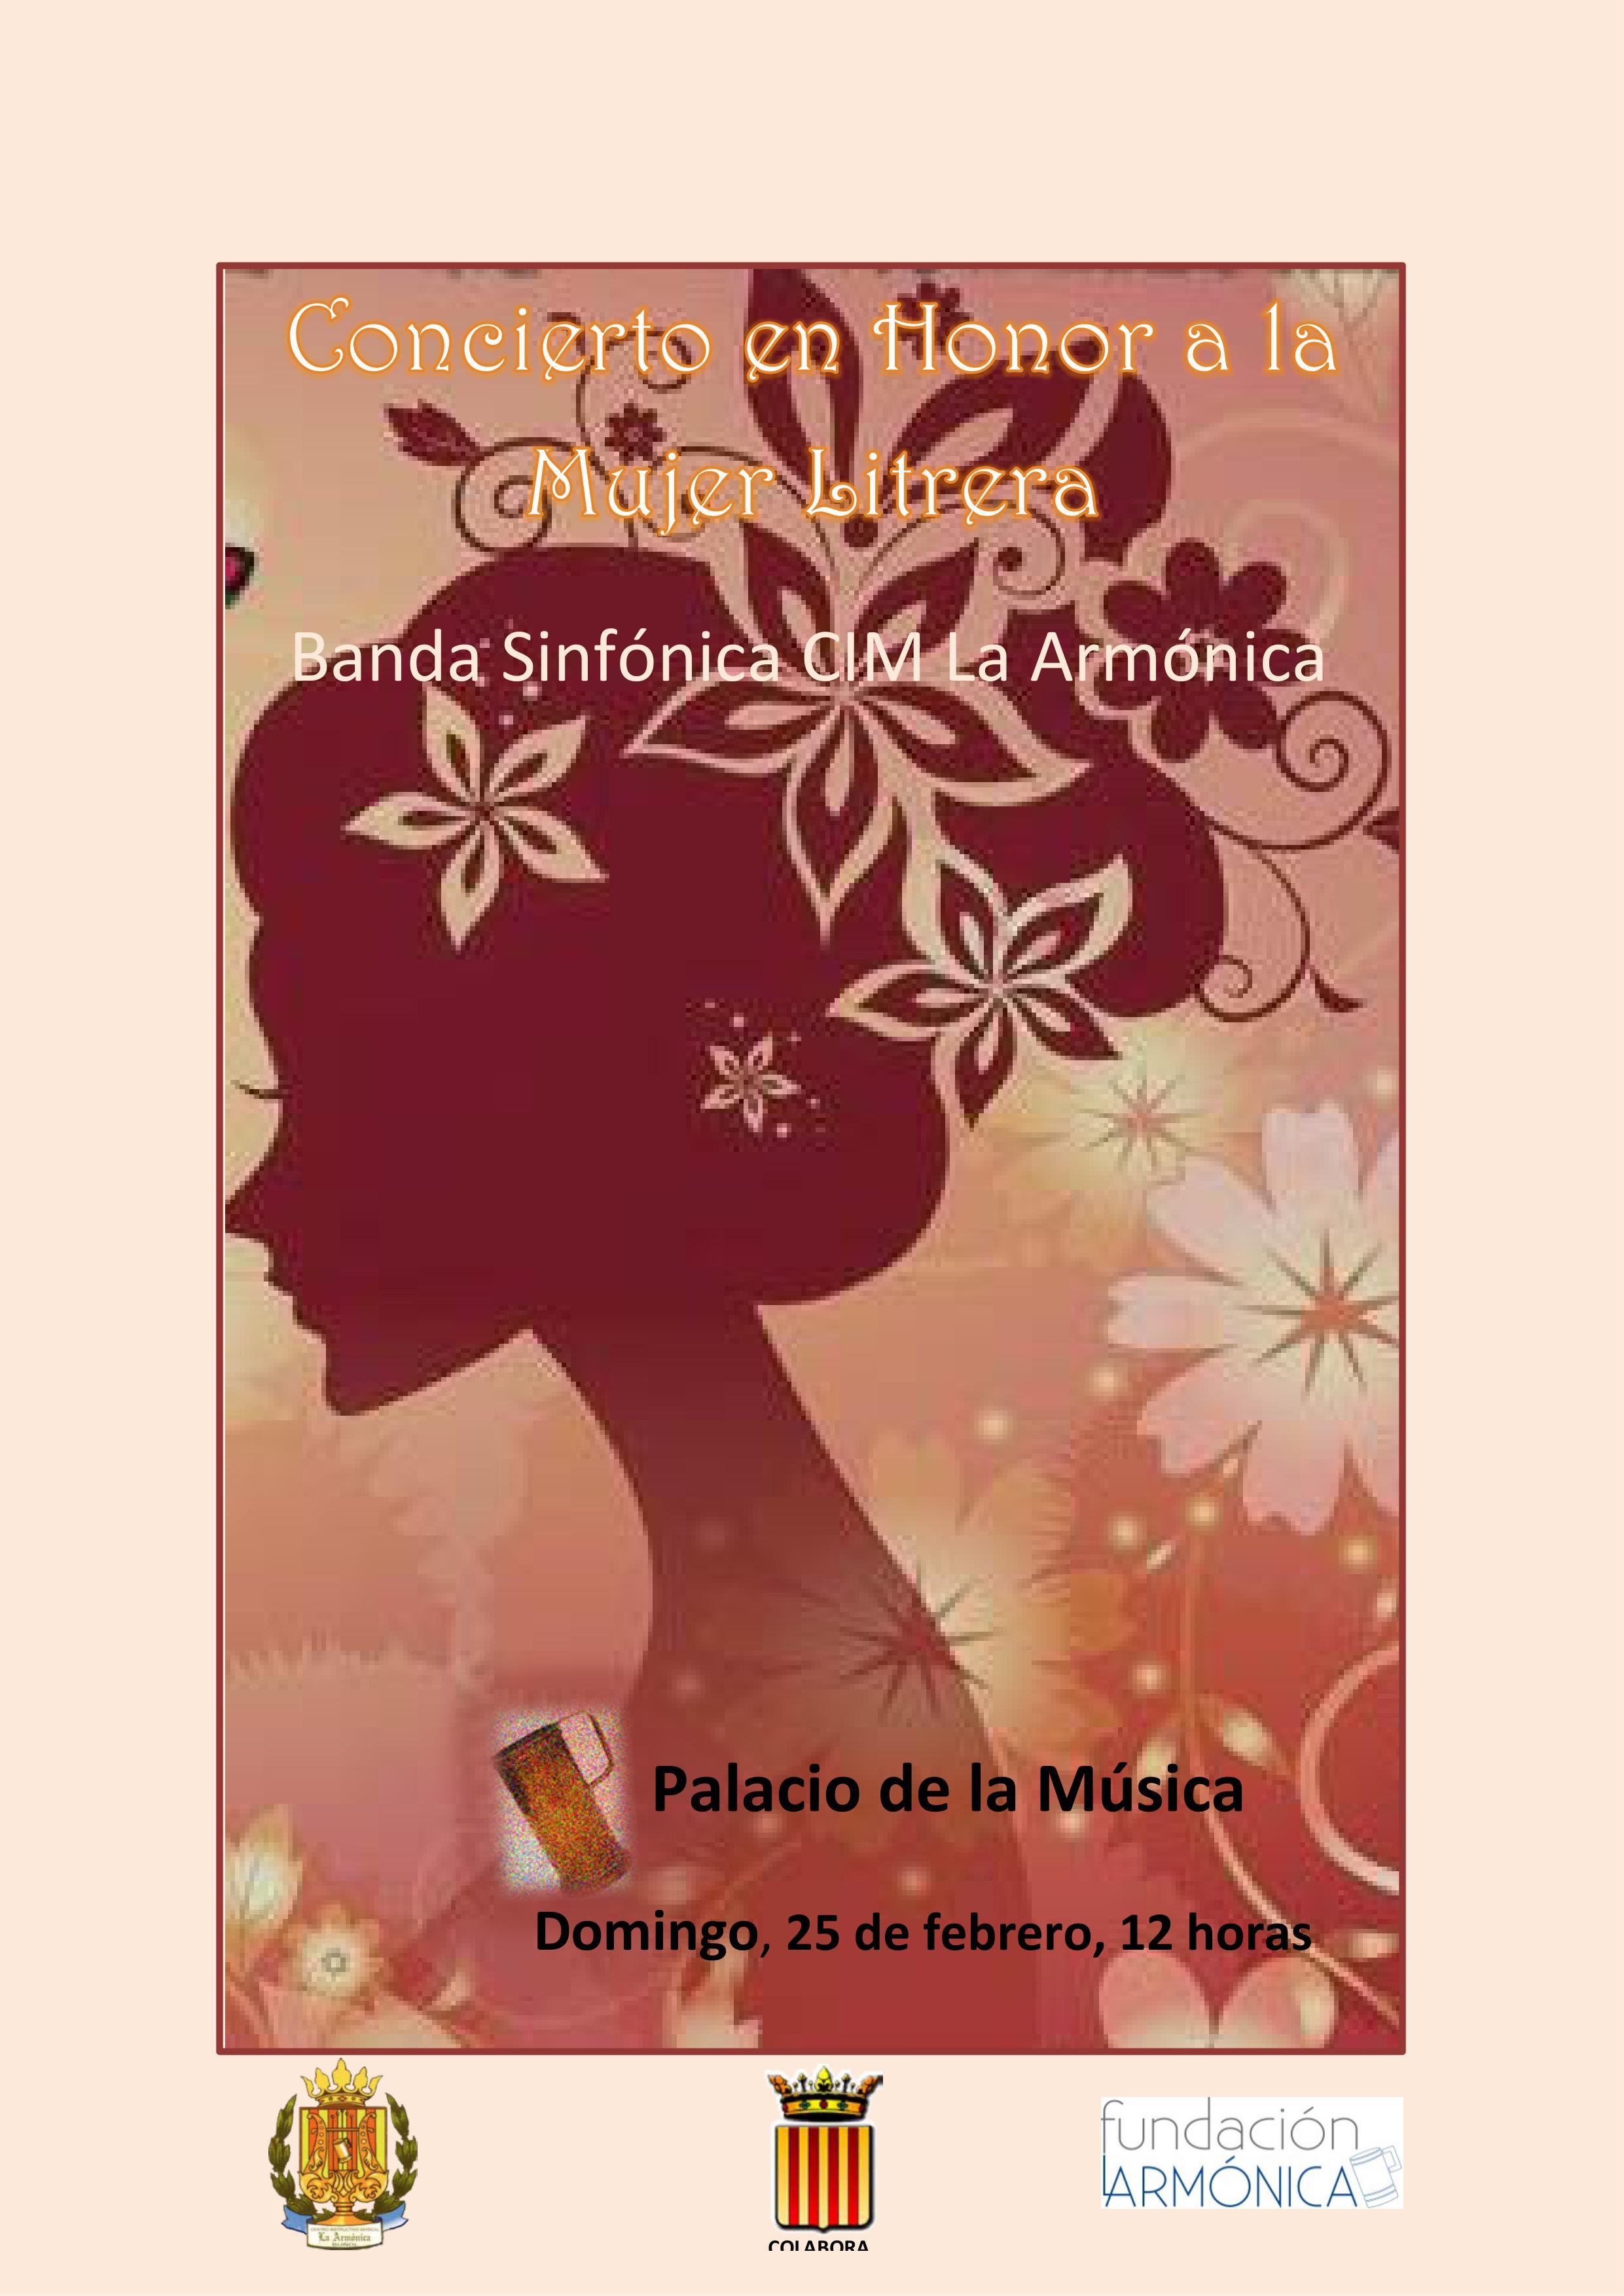 Domingo, 25 de febrero a las 12 en el Palacio de la Música.